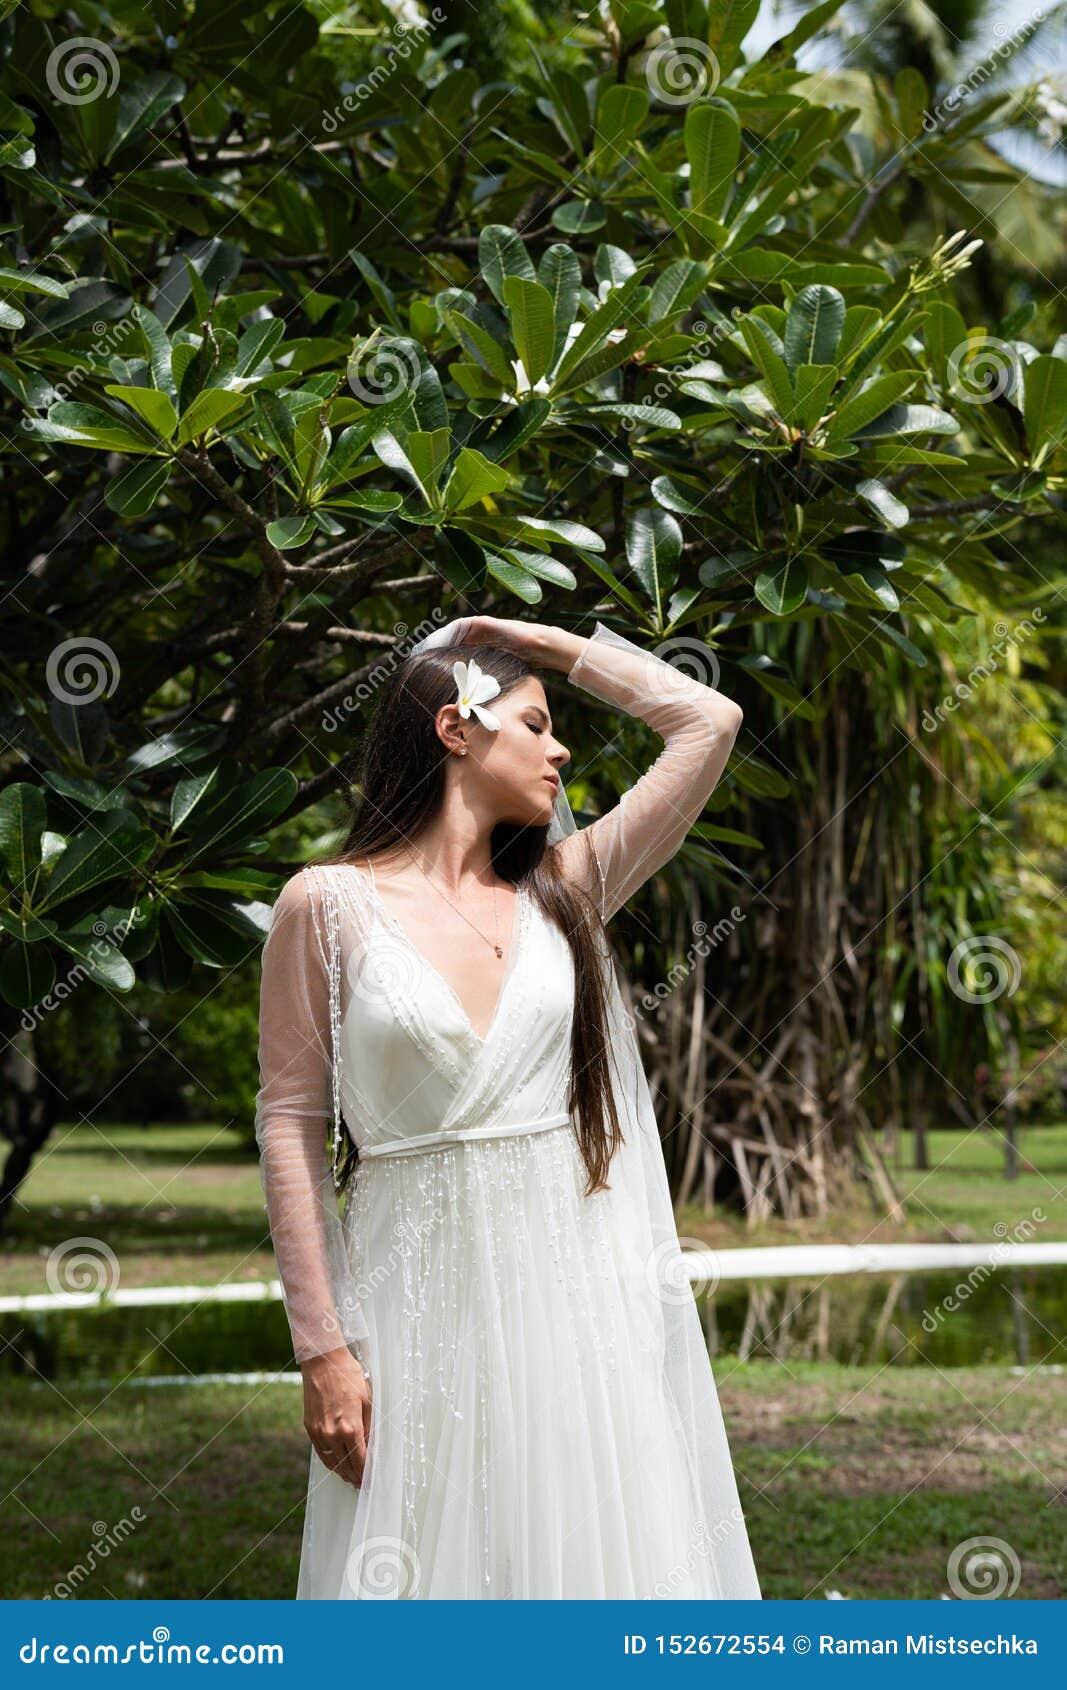 Eine Braut in einem weißen Kleid mit einer exotischen Blume in ihrem Haar steht unter einem blühenden tropischen Baum